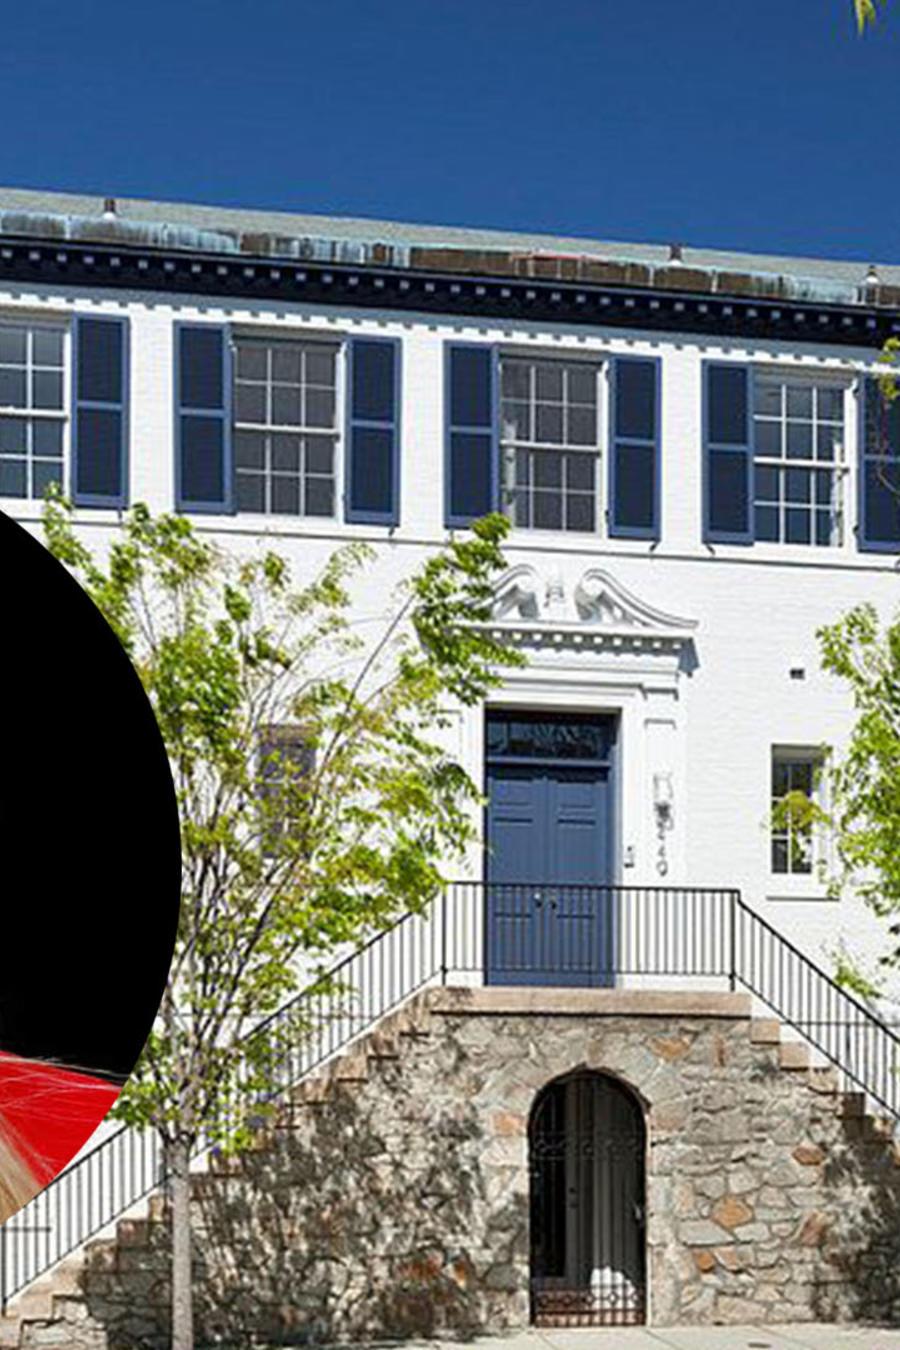 En la foto la mansión que compraron Ivanka Trump y su esposo Jared Kushner, localizada en el exclusivo barrio Kalorama en Washington D.C.